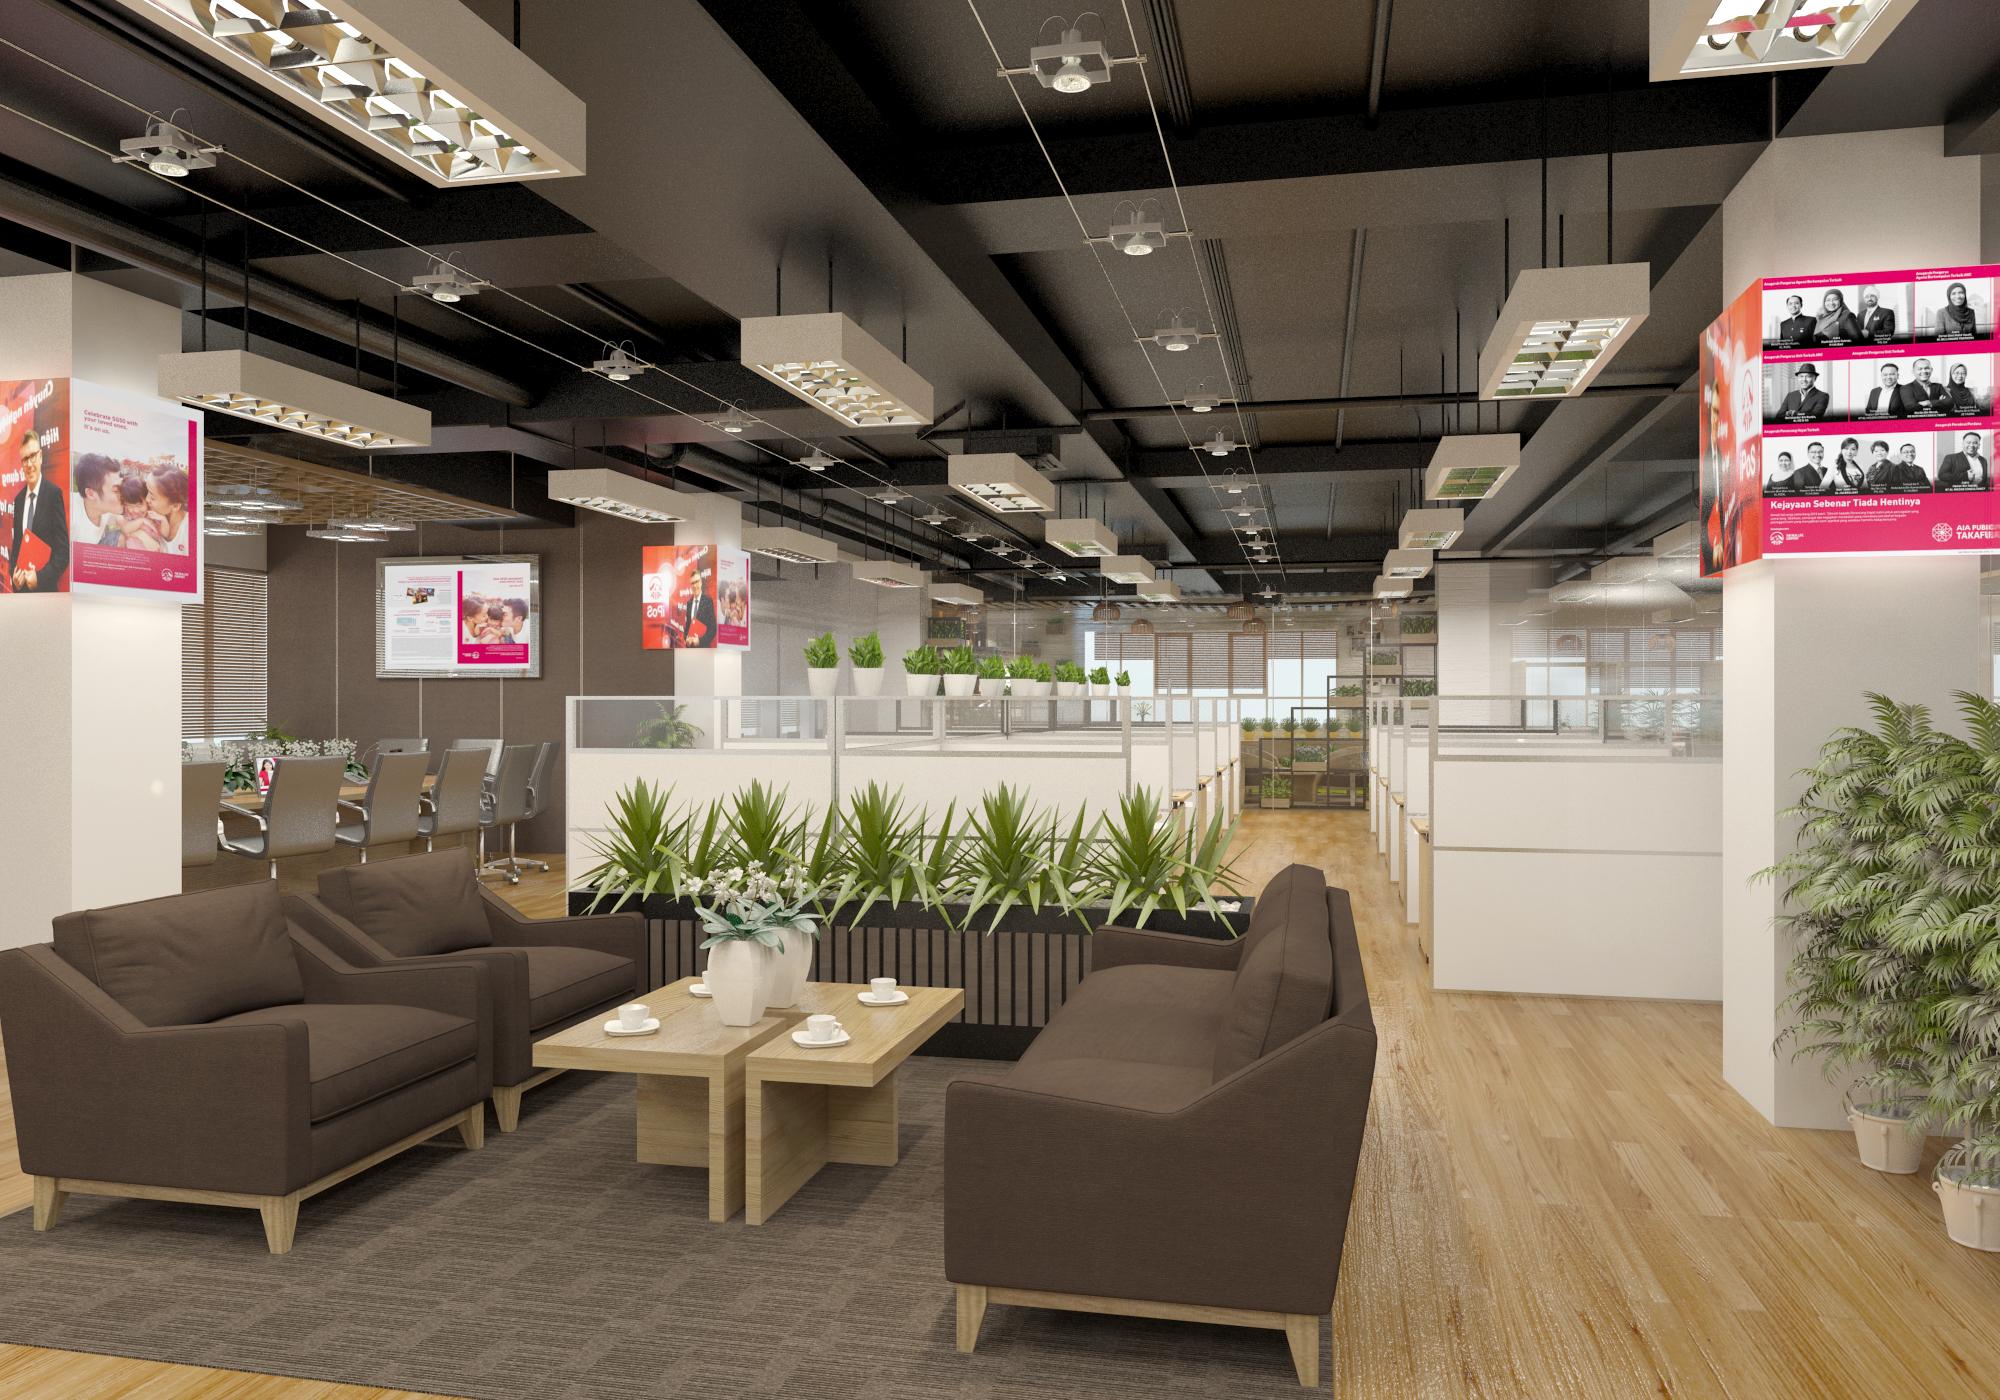 thiết kế nội thất Văn Phòng tại Hà Tĩnh Văn phòng AIA - Hà Tĩnh 0 1568277188